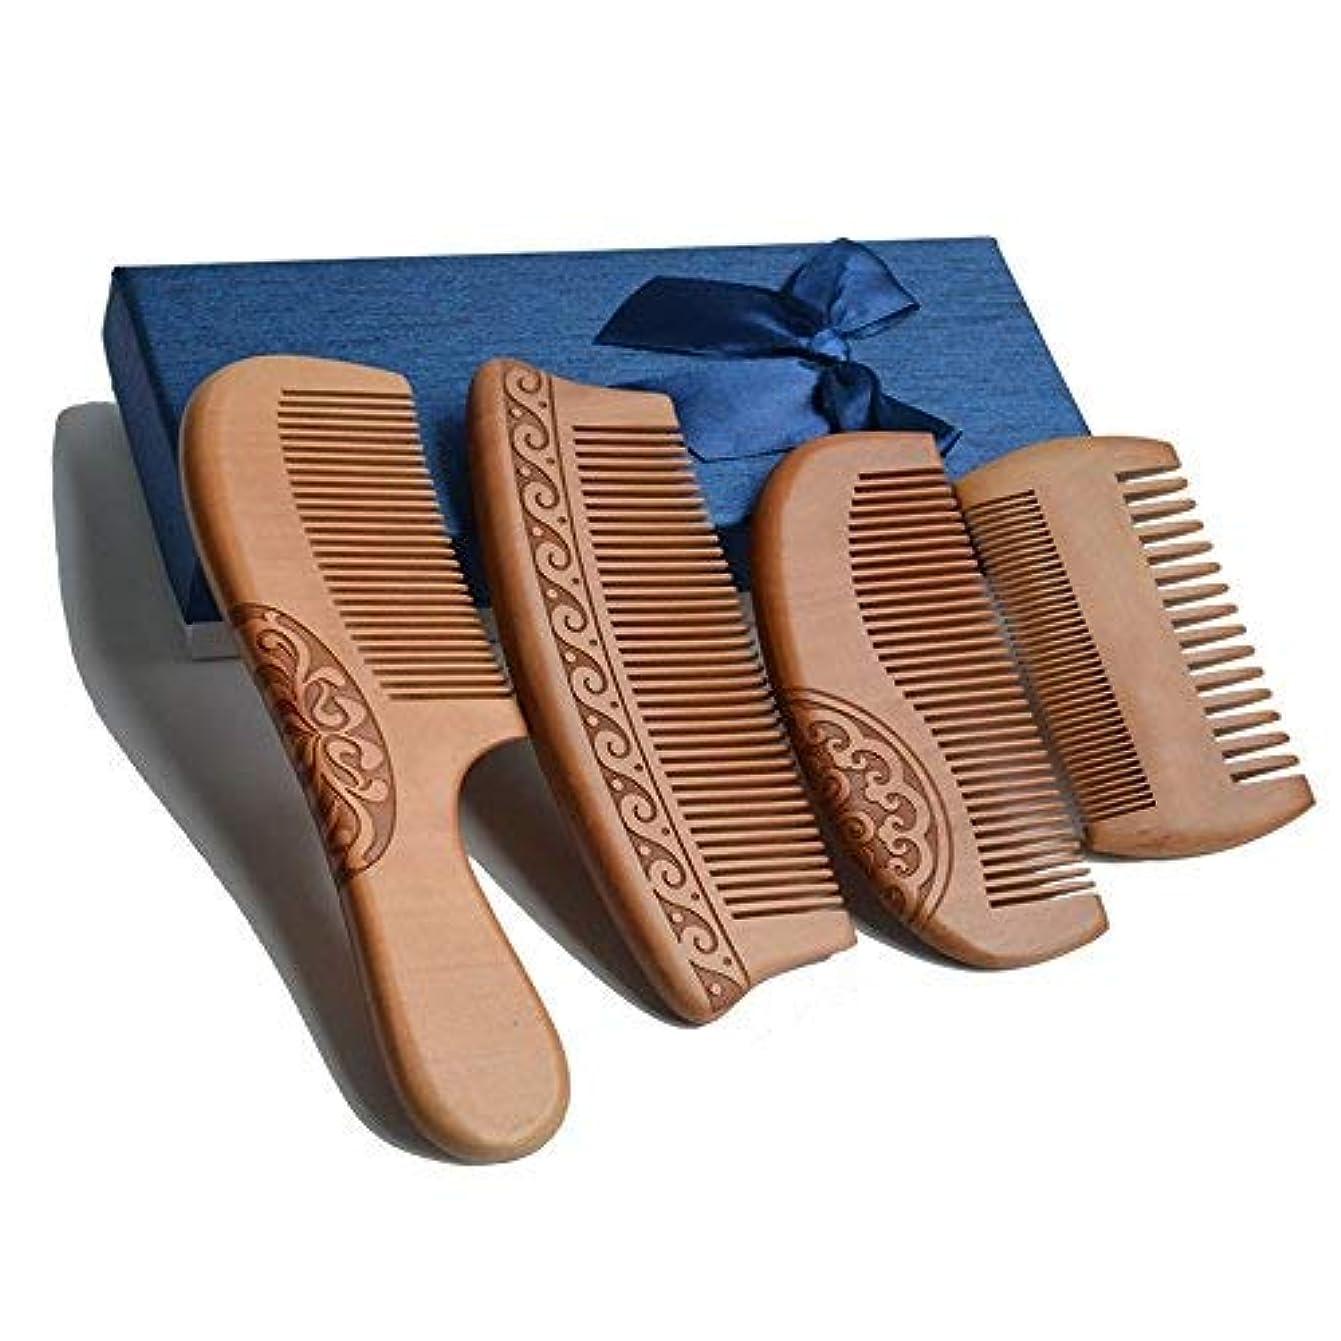 ドライバ発言するムスタチオ4Pcs Wooden Hair Comb No Static Hair Detangler Detangling Comb with Premium Gift Box [並行輸入品]